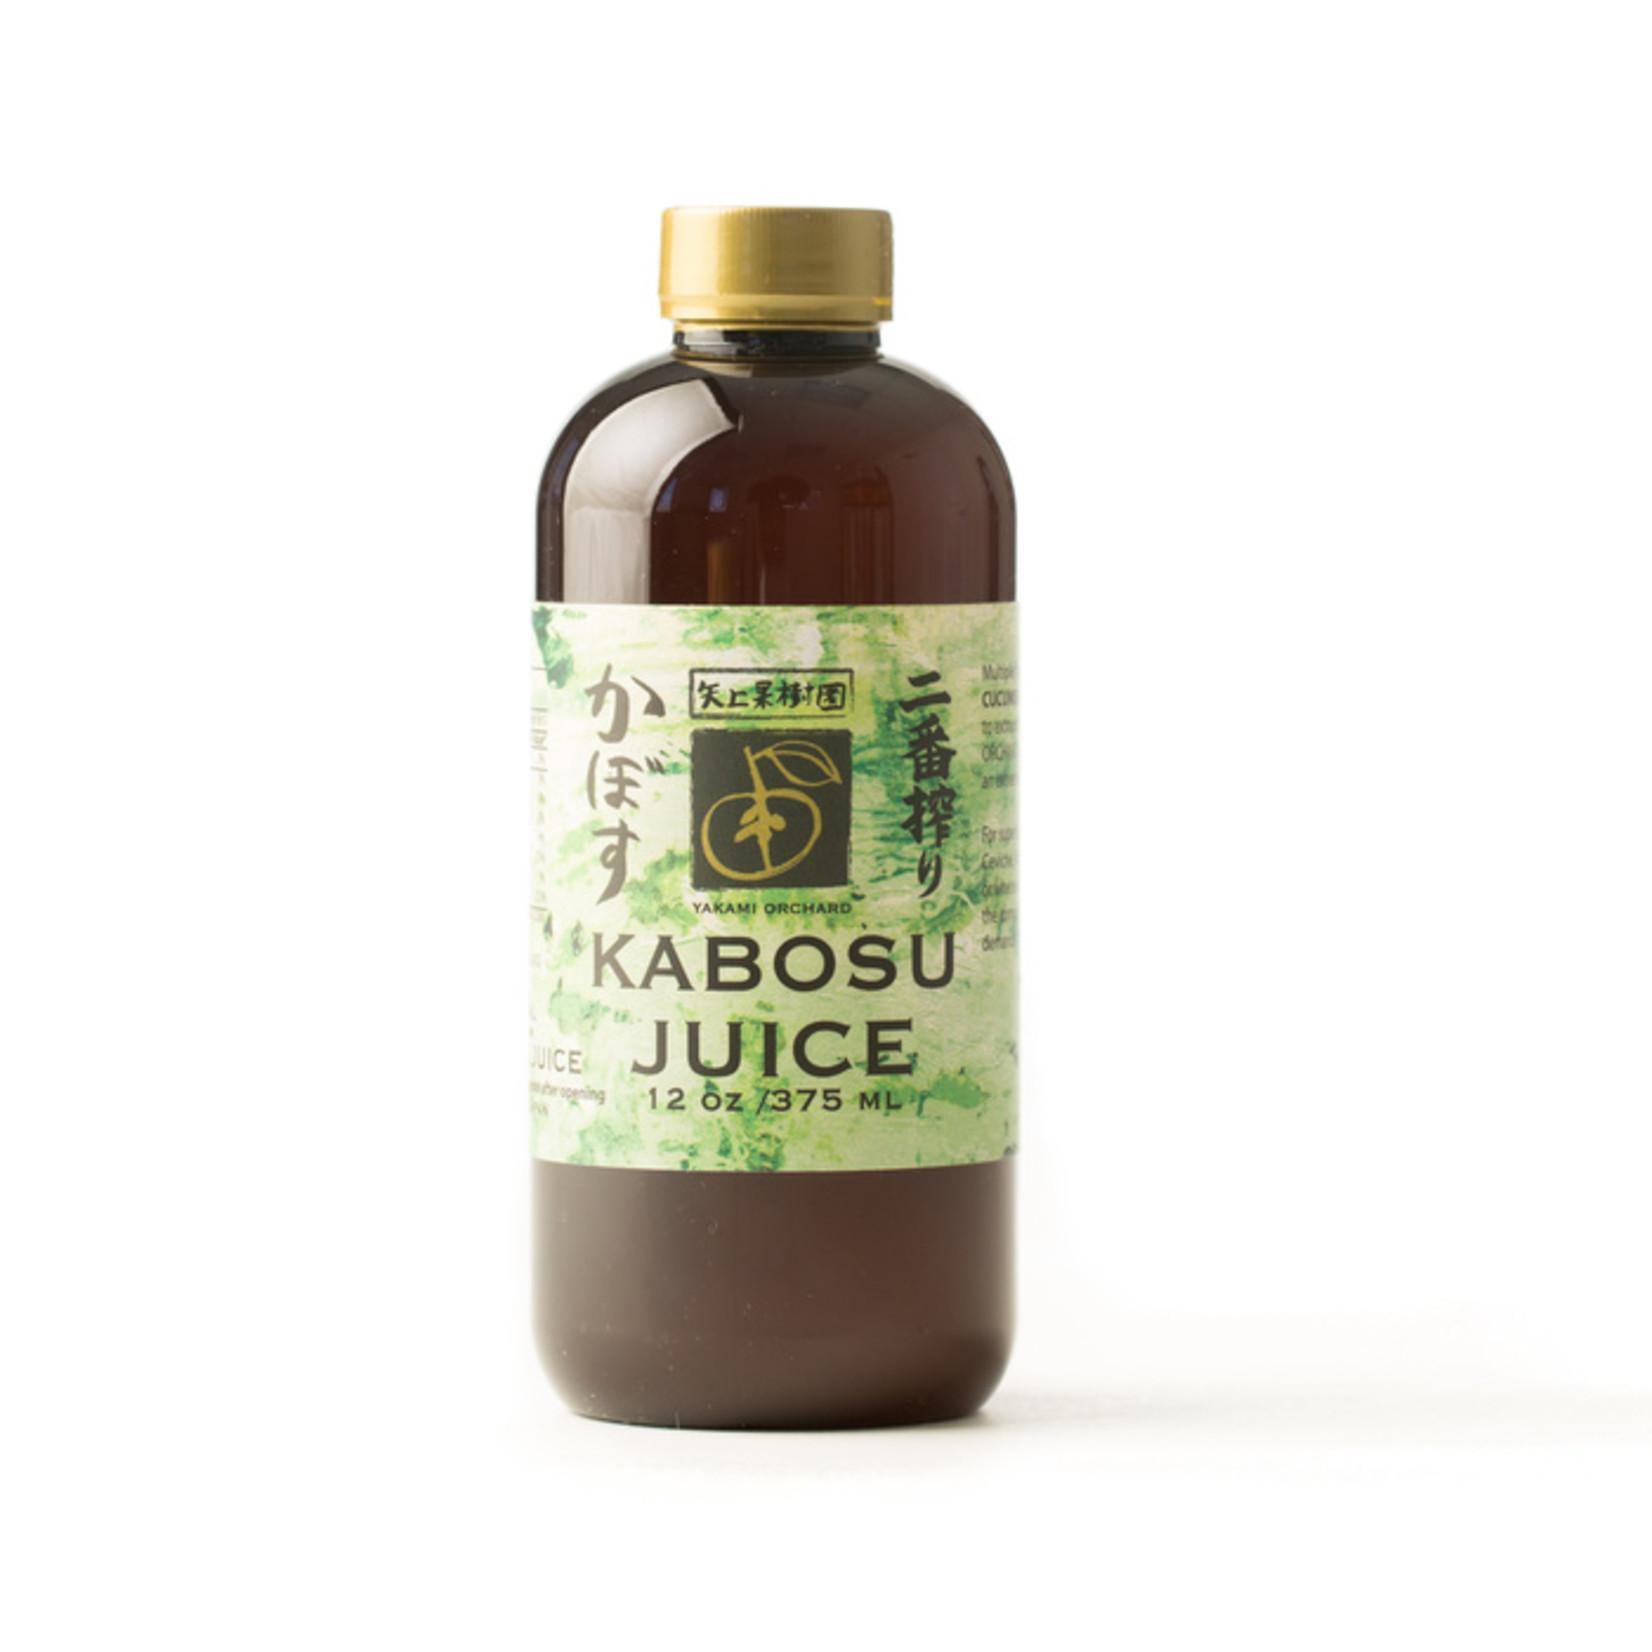 Kabosu Juice